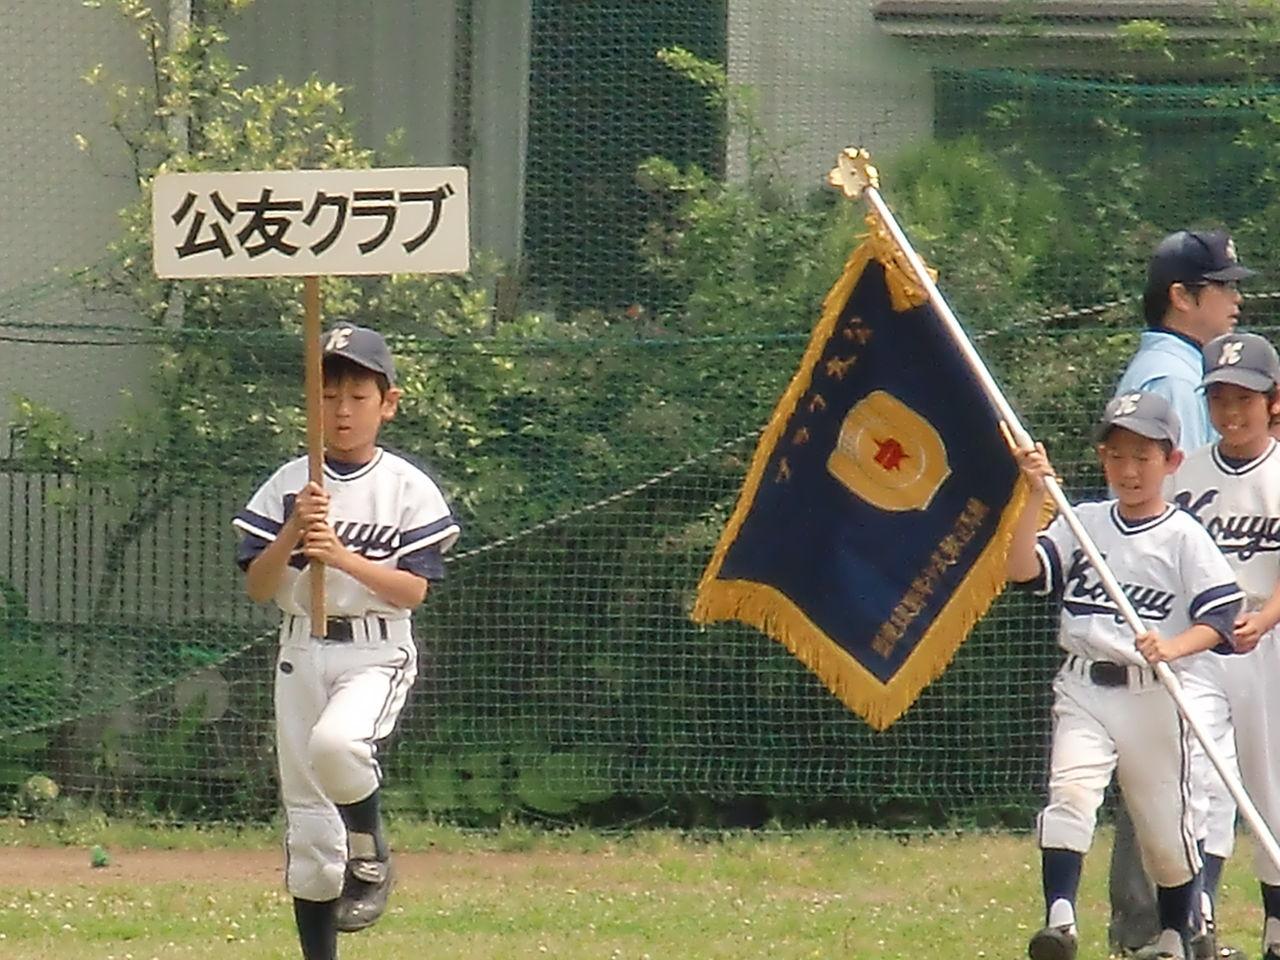 6/5 練馬区野球連盟新人戦開会式 : がんばれ!公友クラブ